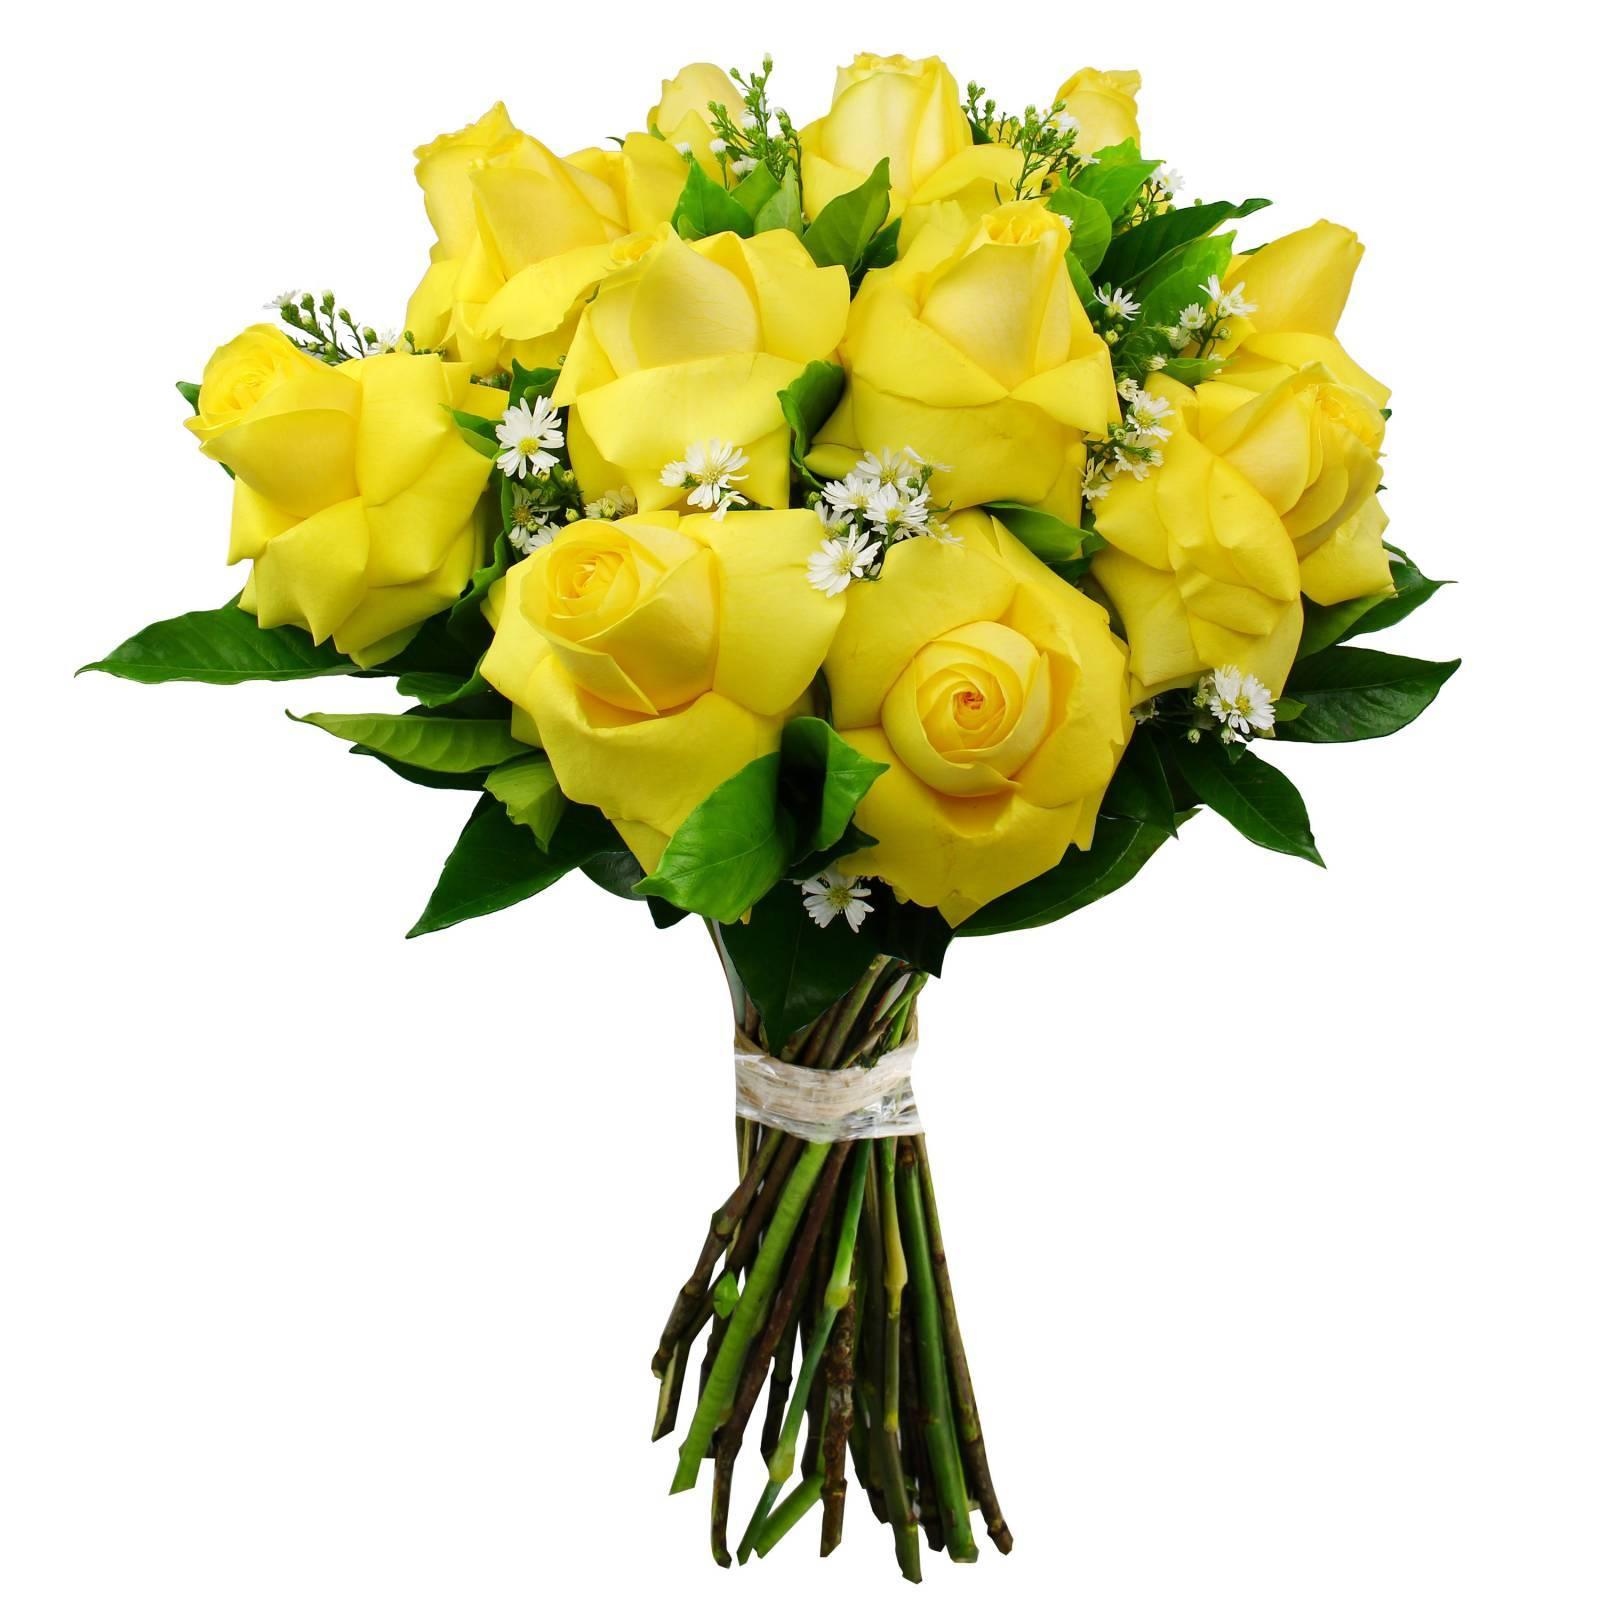 Buquê de Rosas Colombianas Amarelas  - Florisbella - Matriz Campinas